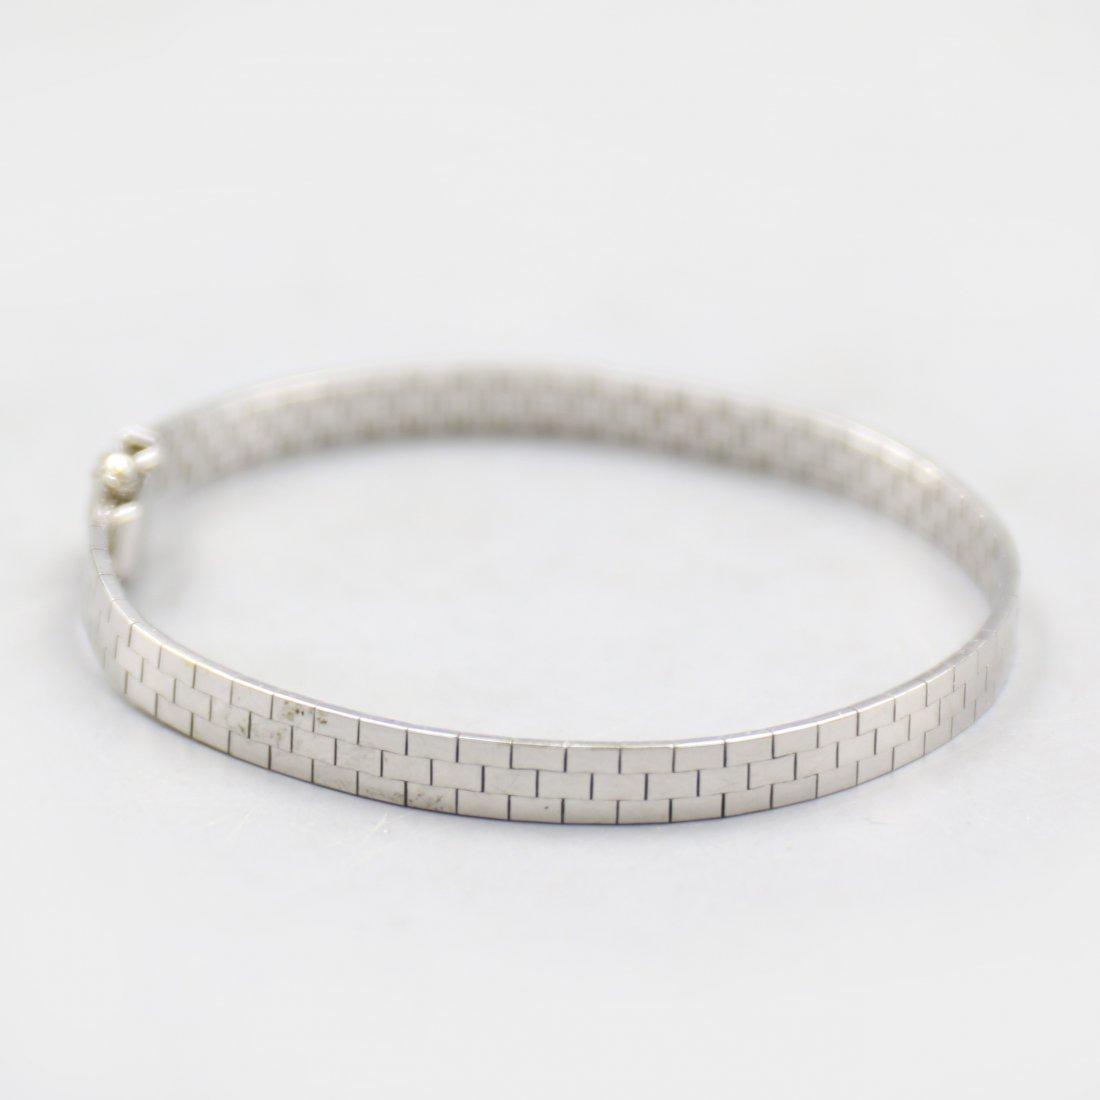 18K White Gold Bracelet.